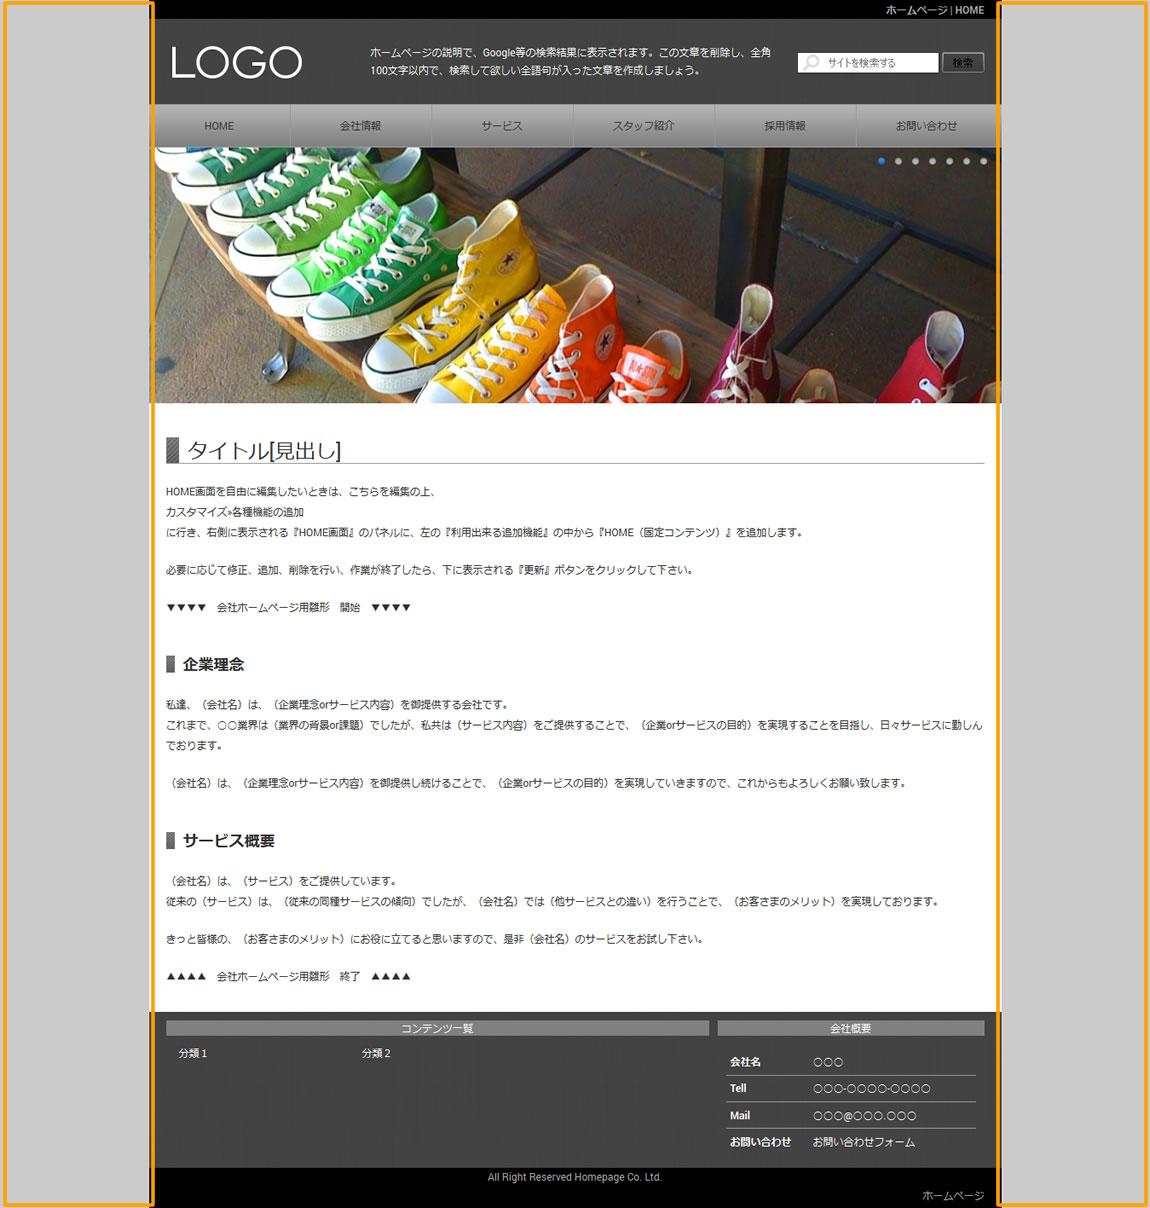 CSSマニュアル:左右にある空白部分の背景 - FunMaker[ファンメイカー]